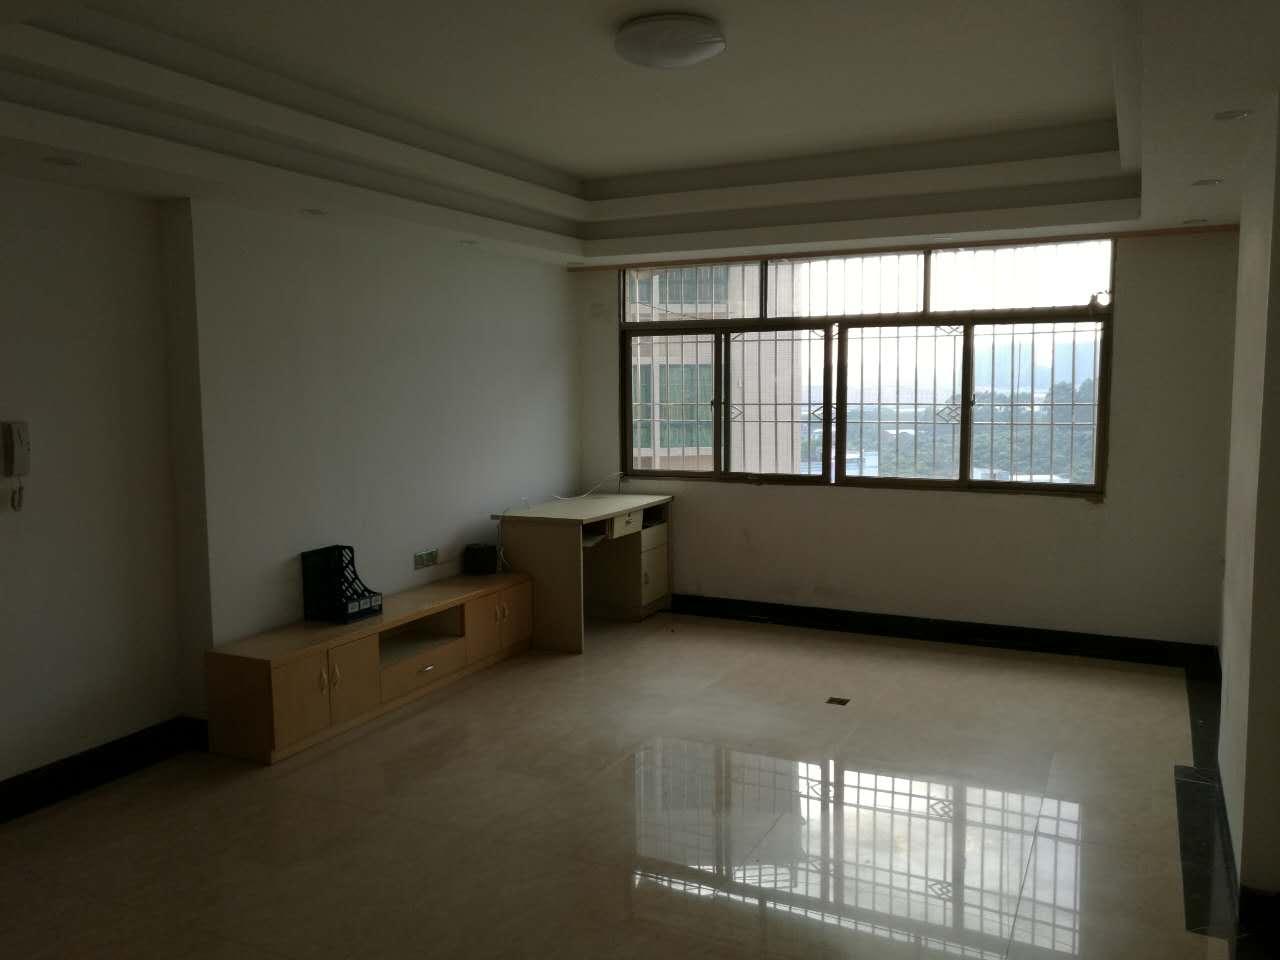 深圳公明小产权房19万起,公明马山头村带装修近地铁 三房二厅 第4张